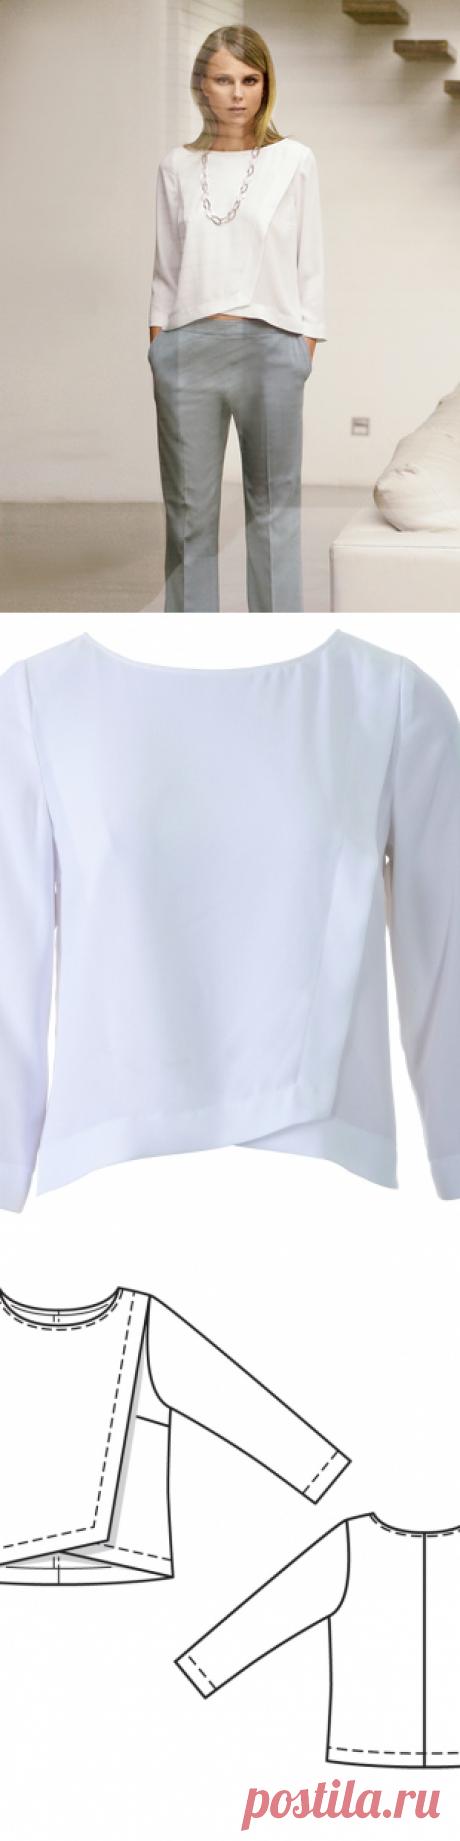 Блузка с эффектом запаха - выкройка № 115 из журнала 4/2014 Burda – выкройки блузок на Burdastyle.ru